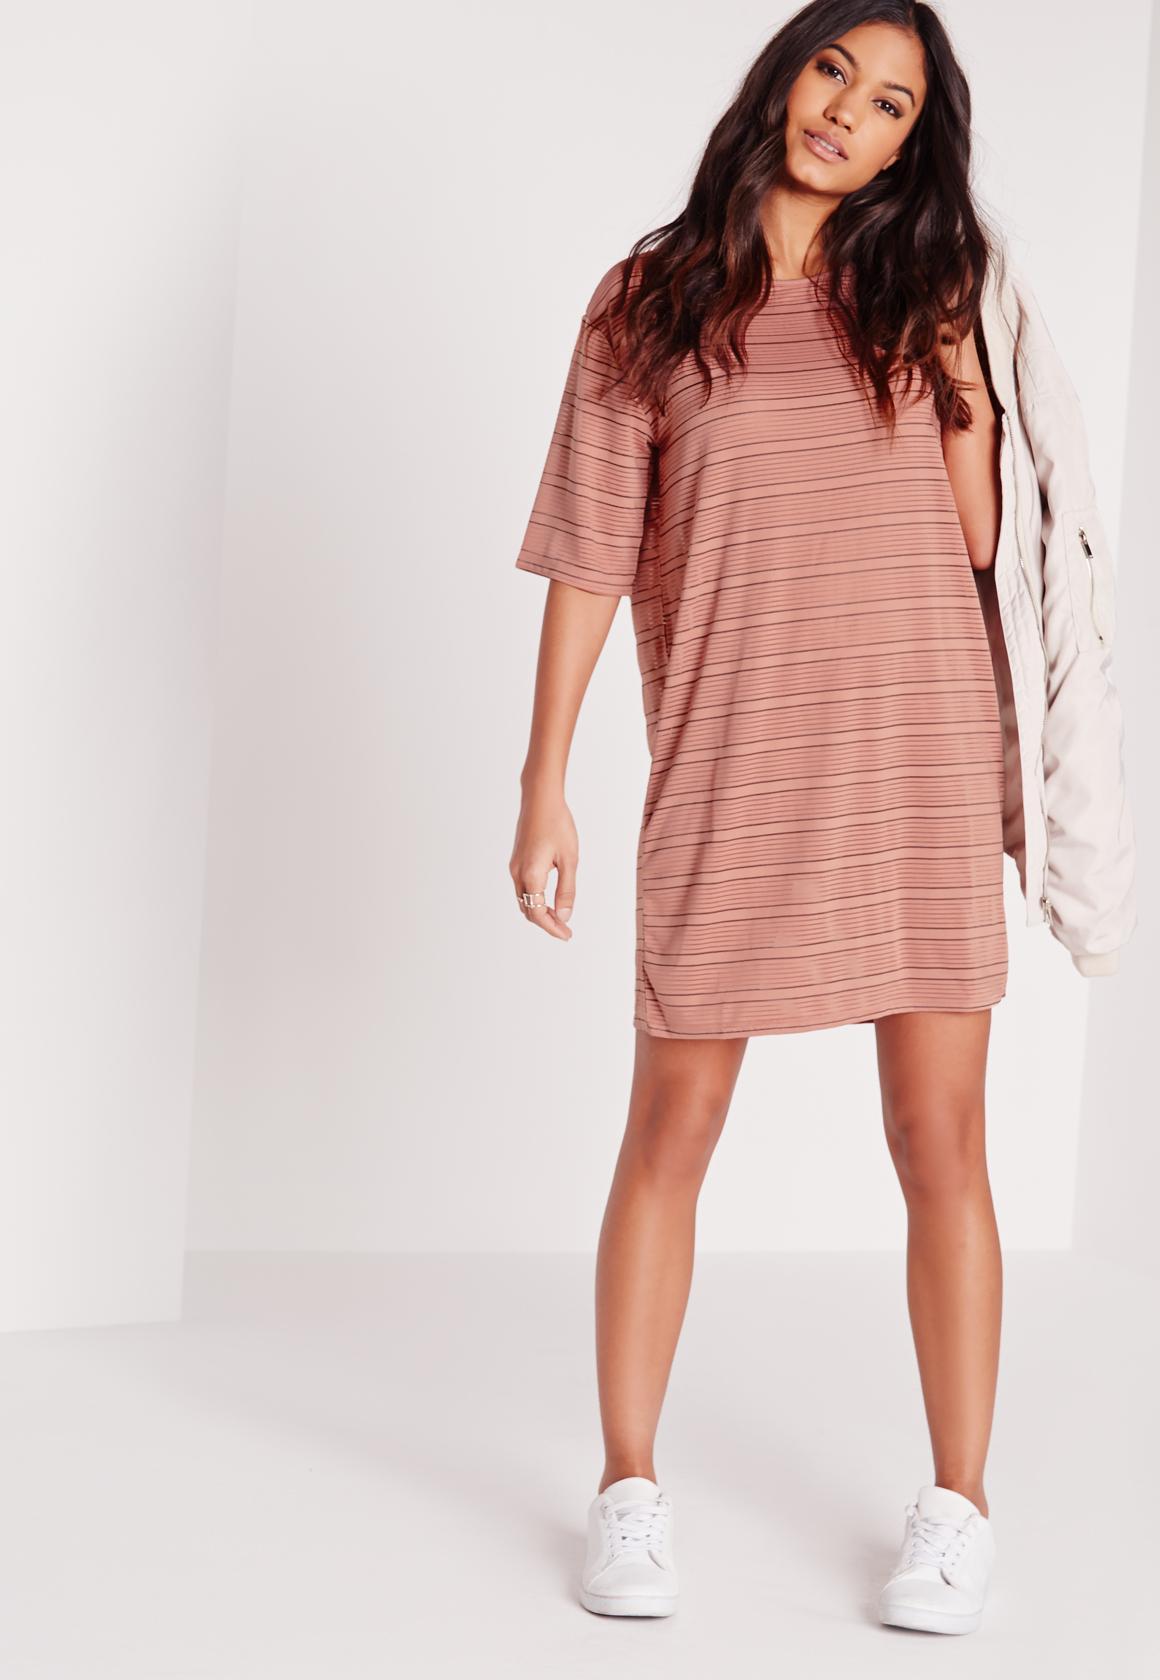 Oversized Sheer Stripe T-Shirt Dress Rose/Black   Missguided